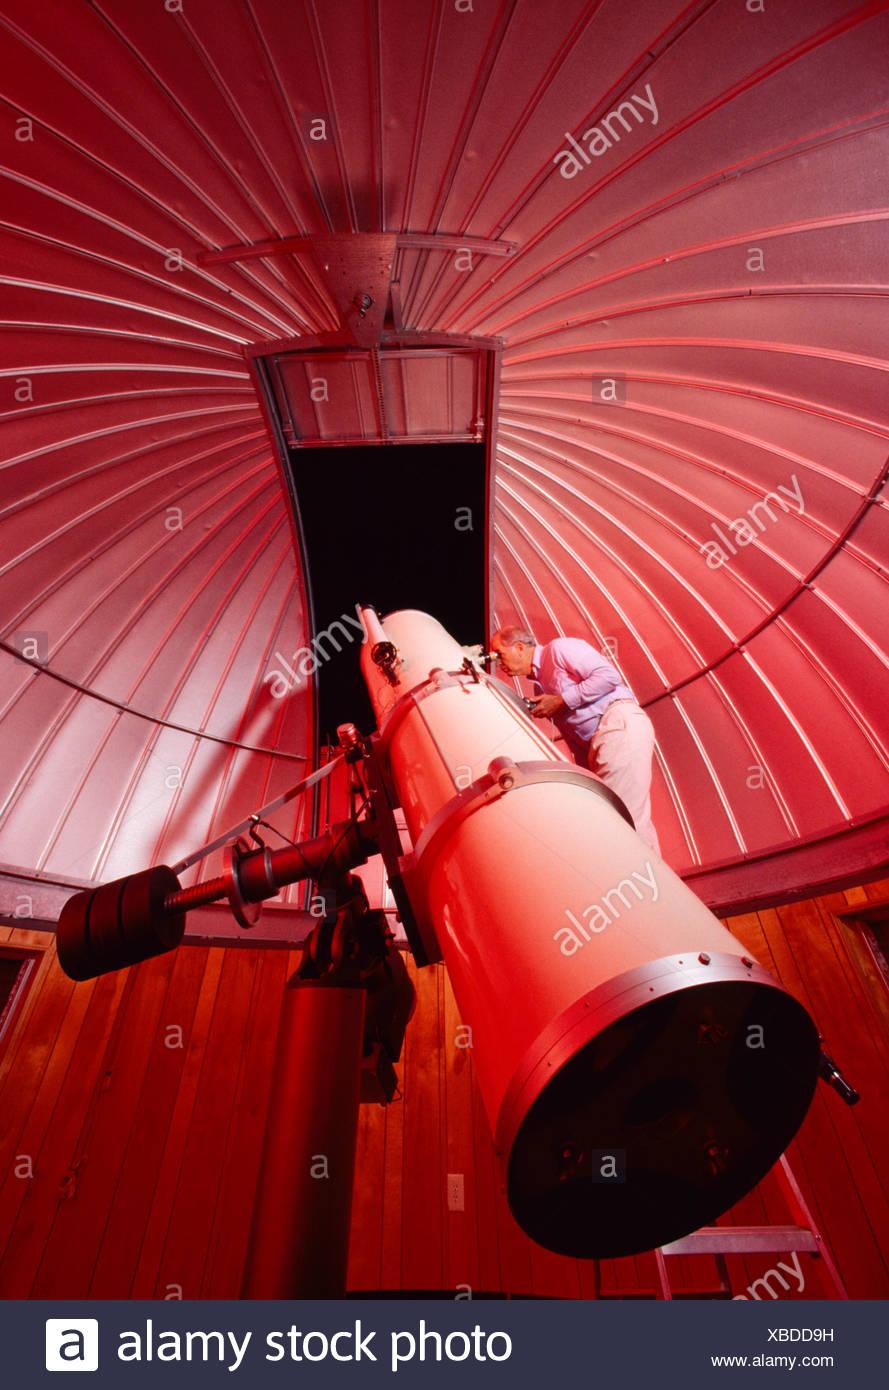 Astronomia - un astronomo dilettante opinioni il cielo notturno attraverso la 18' riflessione newtoniano telescopio tipo che egli ha costruito / STATI UNITI D'AMERICA. Immagini Stock